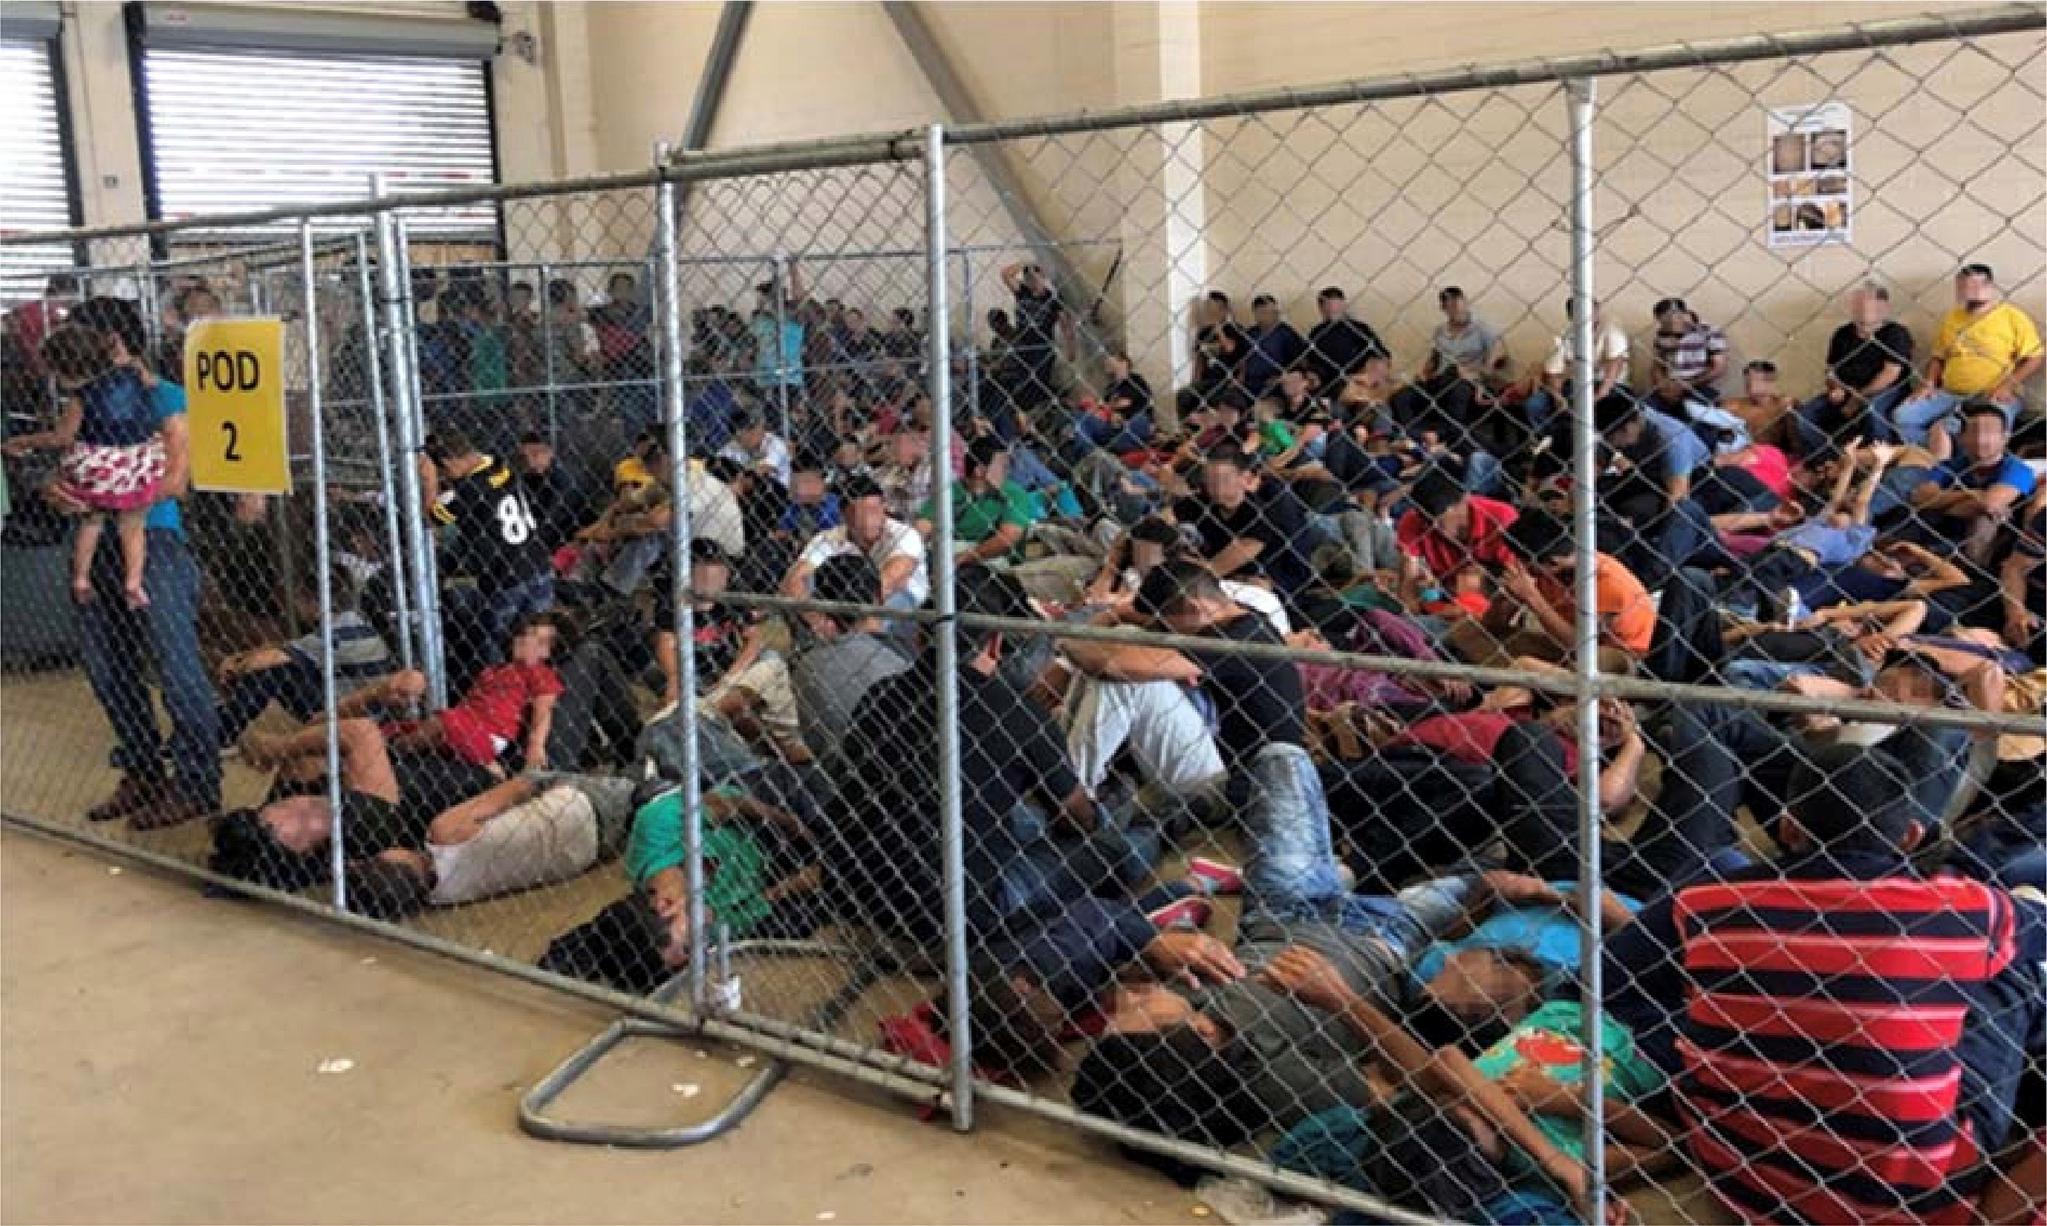 지난 6월 10일 미국 텍사스 주 맥칼렌의 구금시설에 이민자들이 가득 차있다. [로이터=연합뉴스]